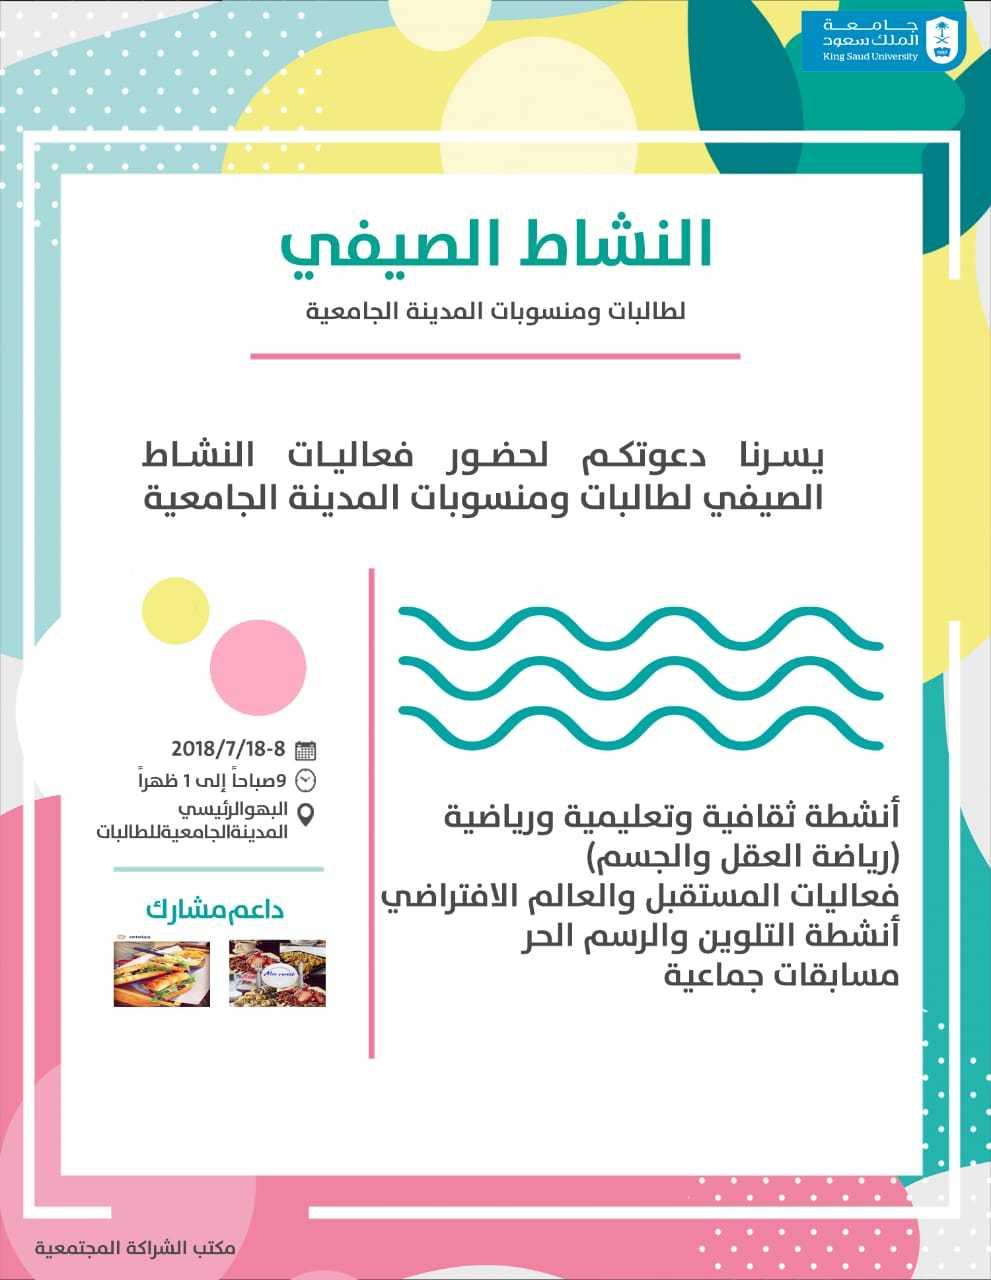 *اقامةبرنامج النشاط الصيفي في رحاب المدينة الجامعية للطالبات*